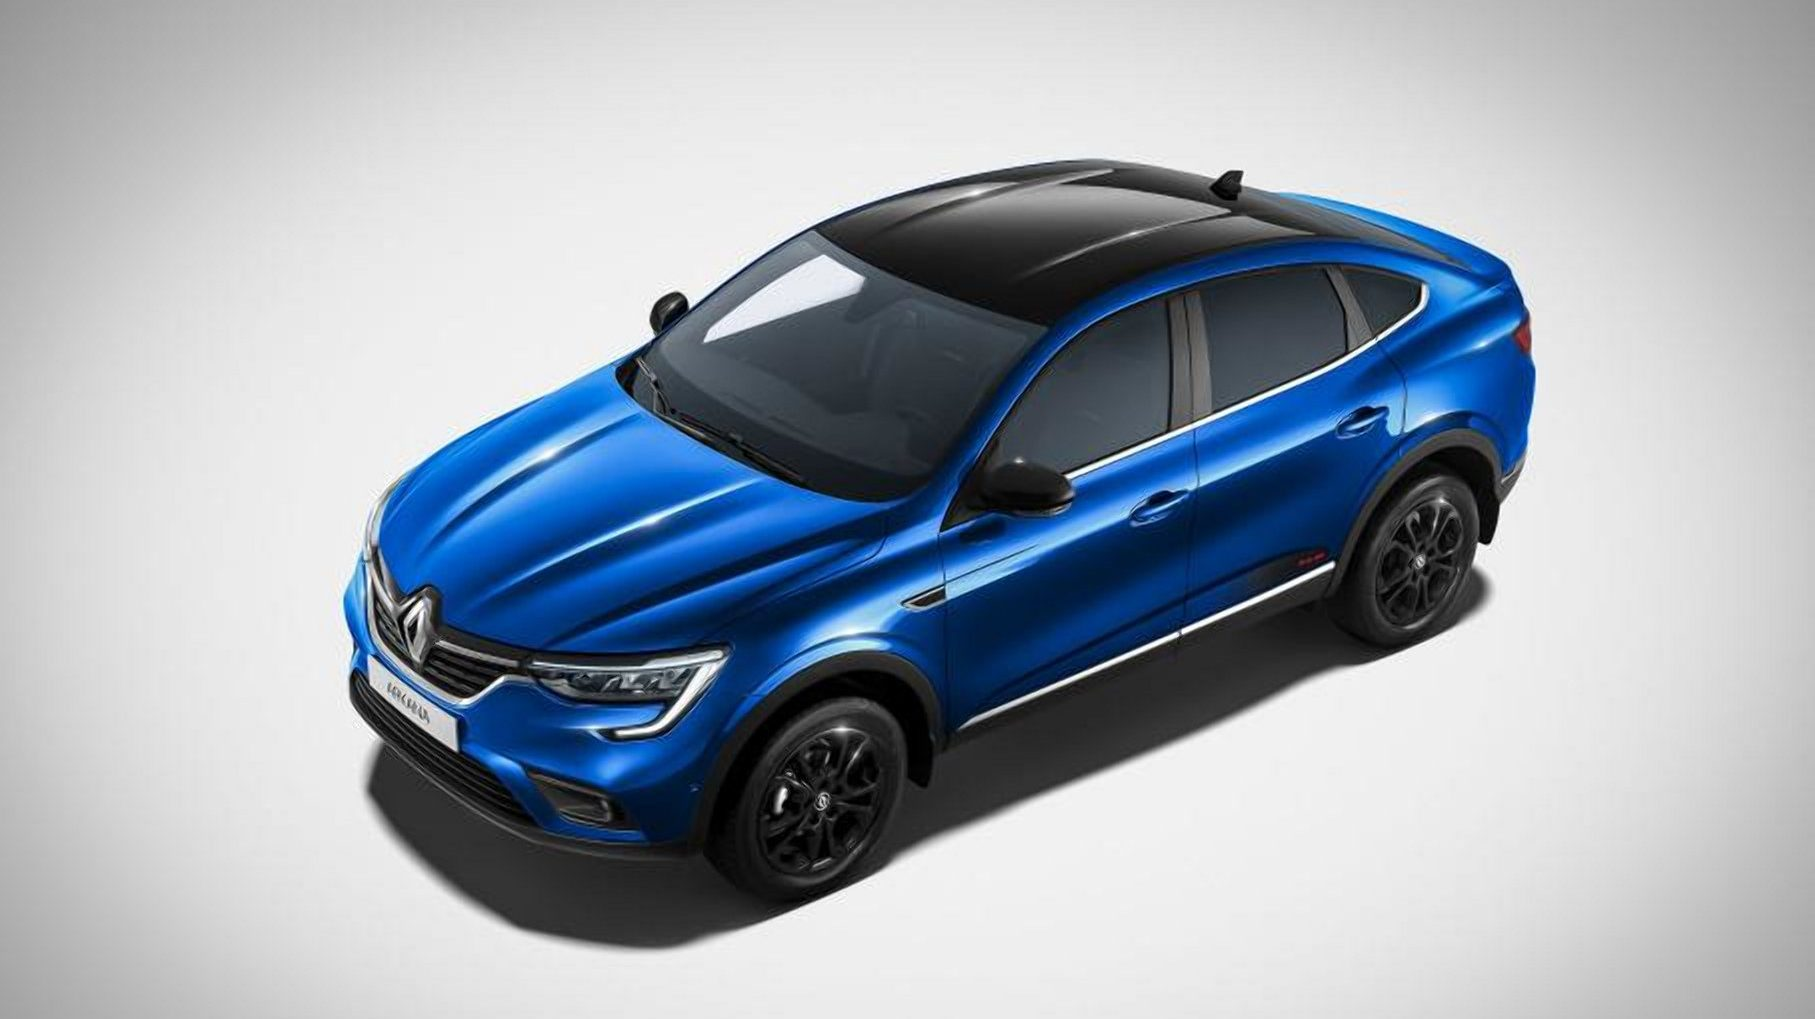 В Запорожье на заводе ЗАЗ будут собирать спецверсию кроссовера Renault Arkana, – ФОТО